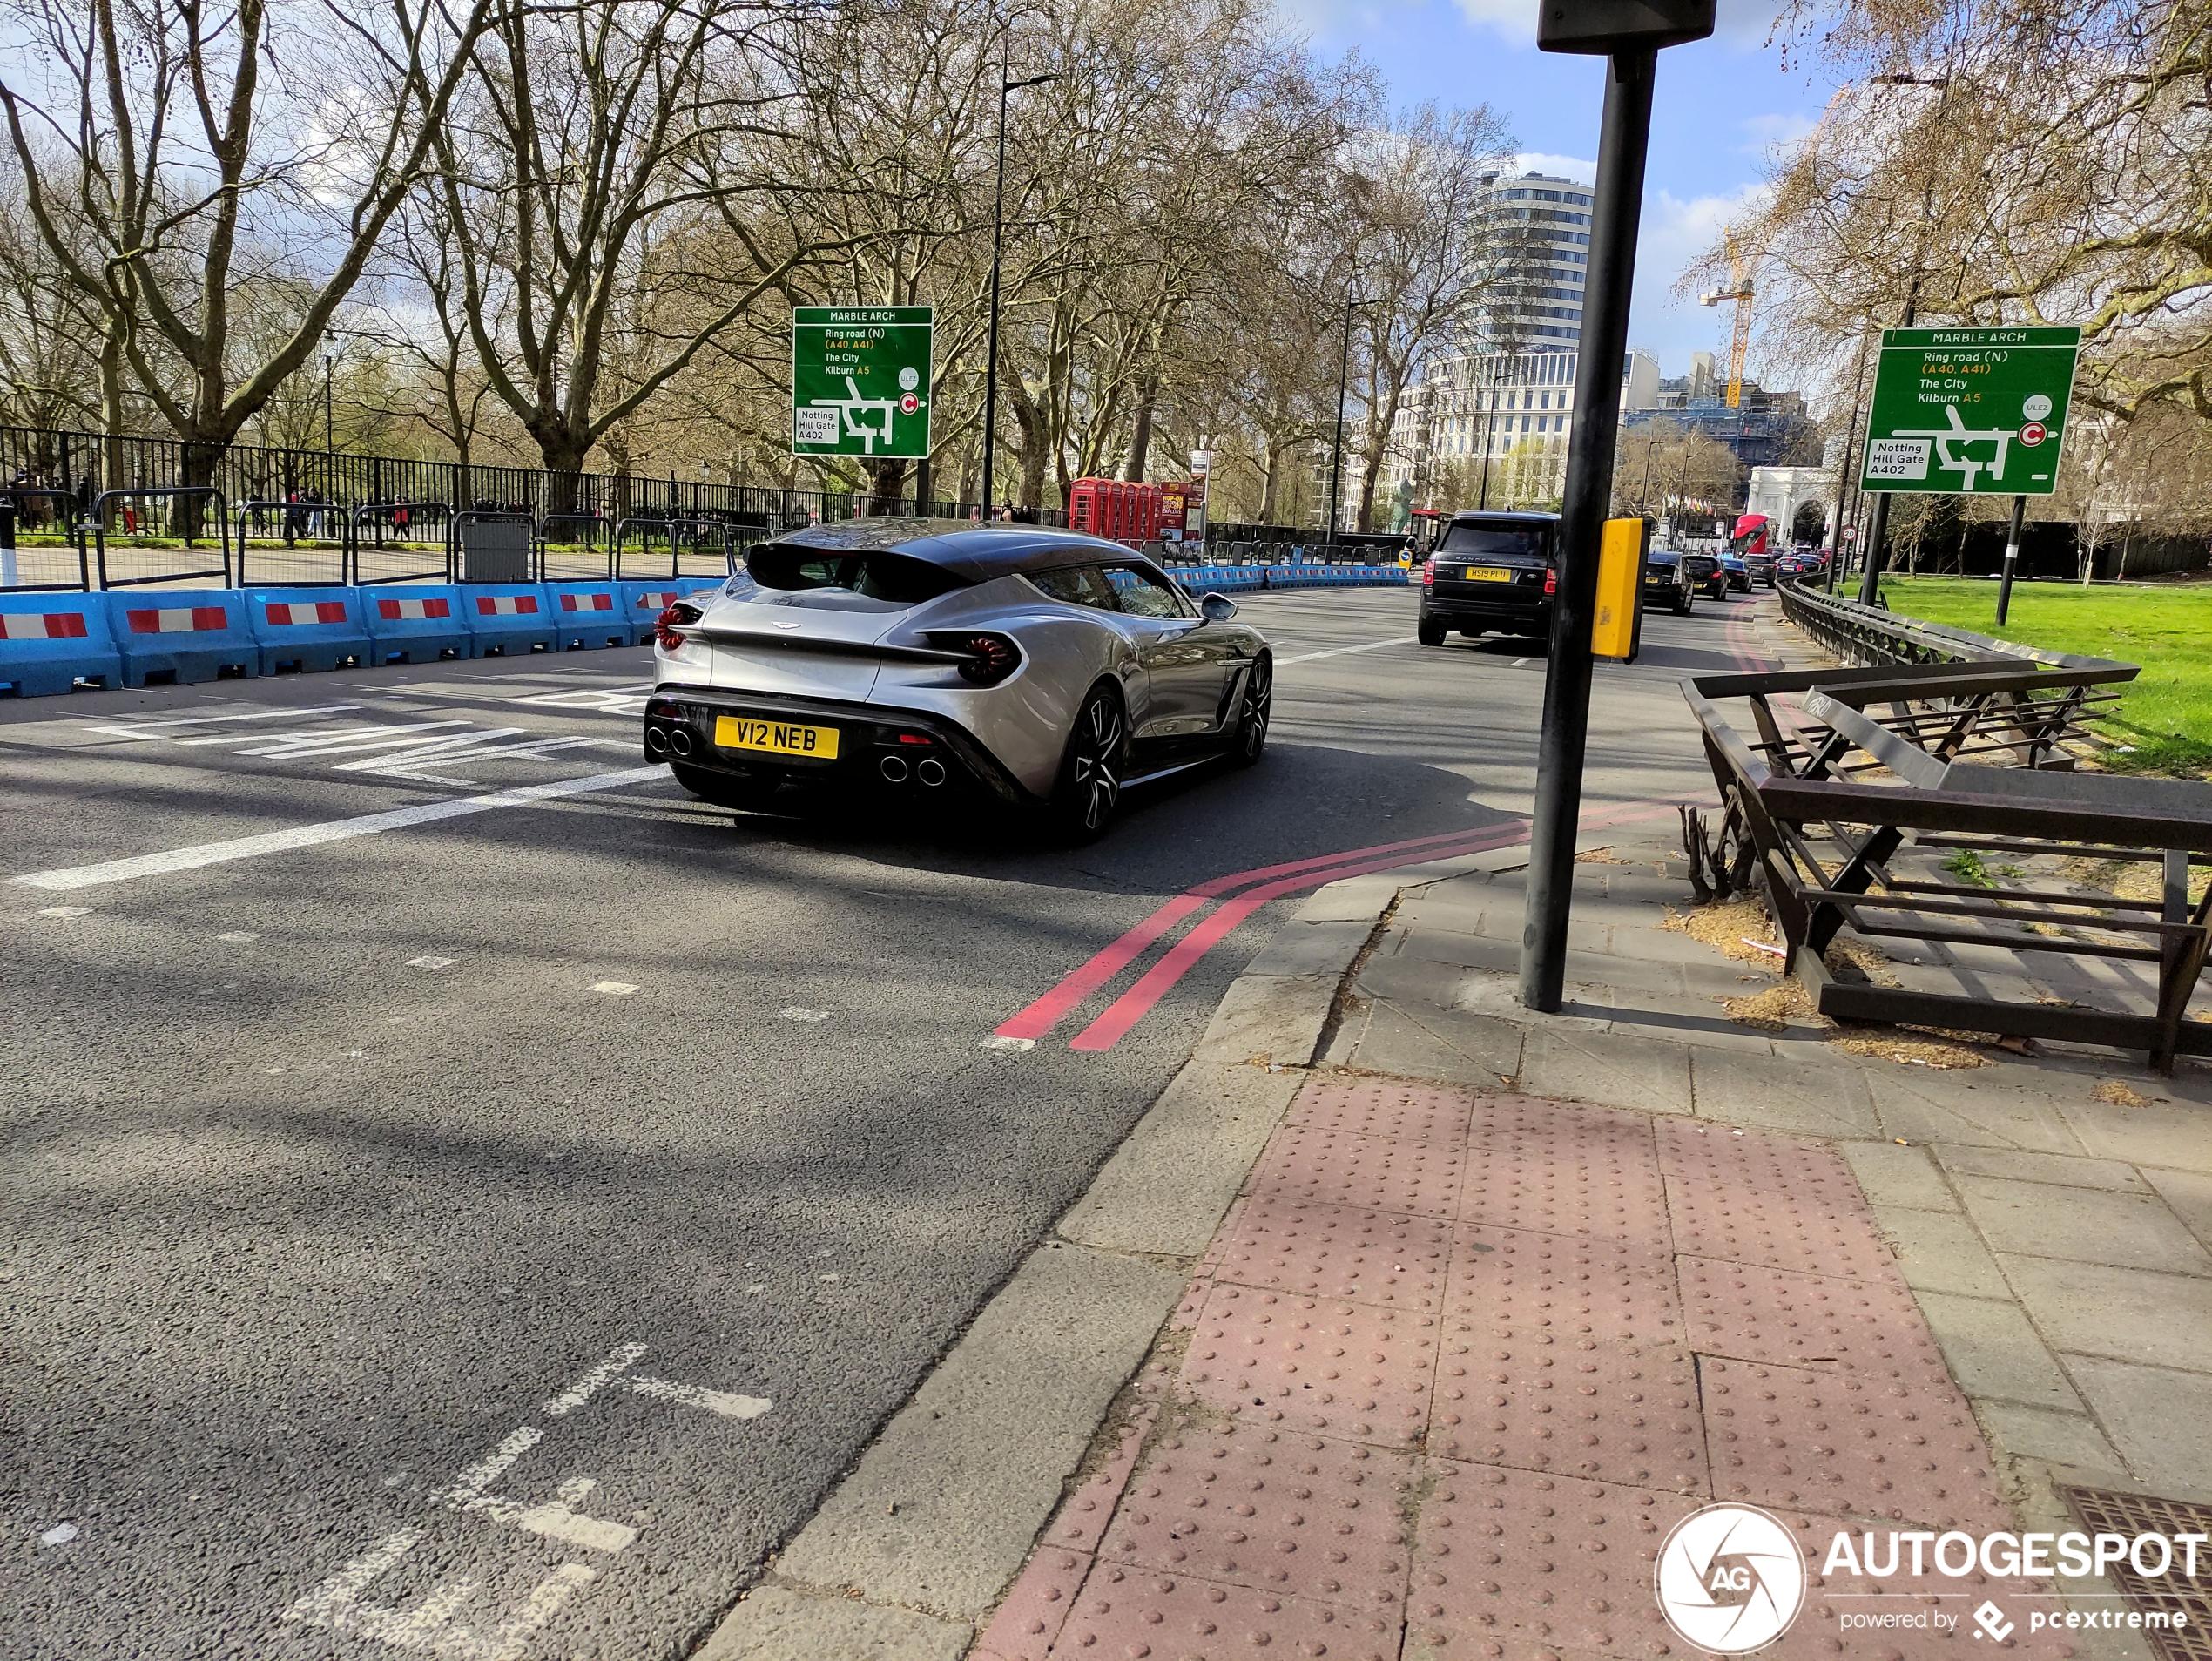 We hebben weer een nieuwe Aston Martin Vanquish Zagato Shooting Brake